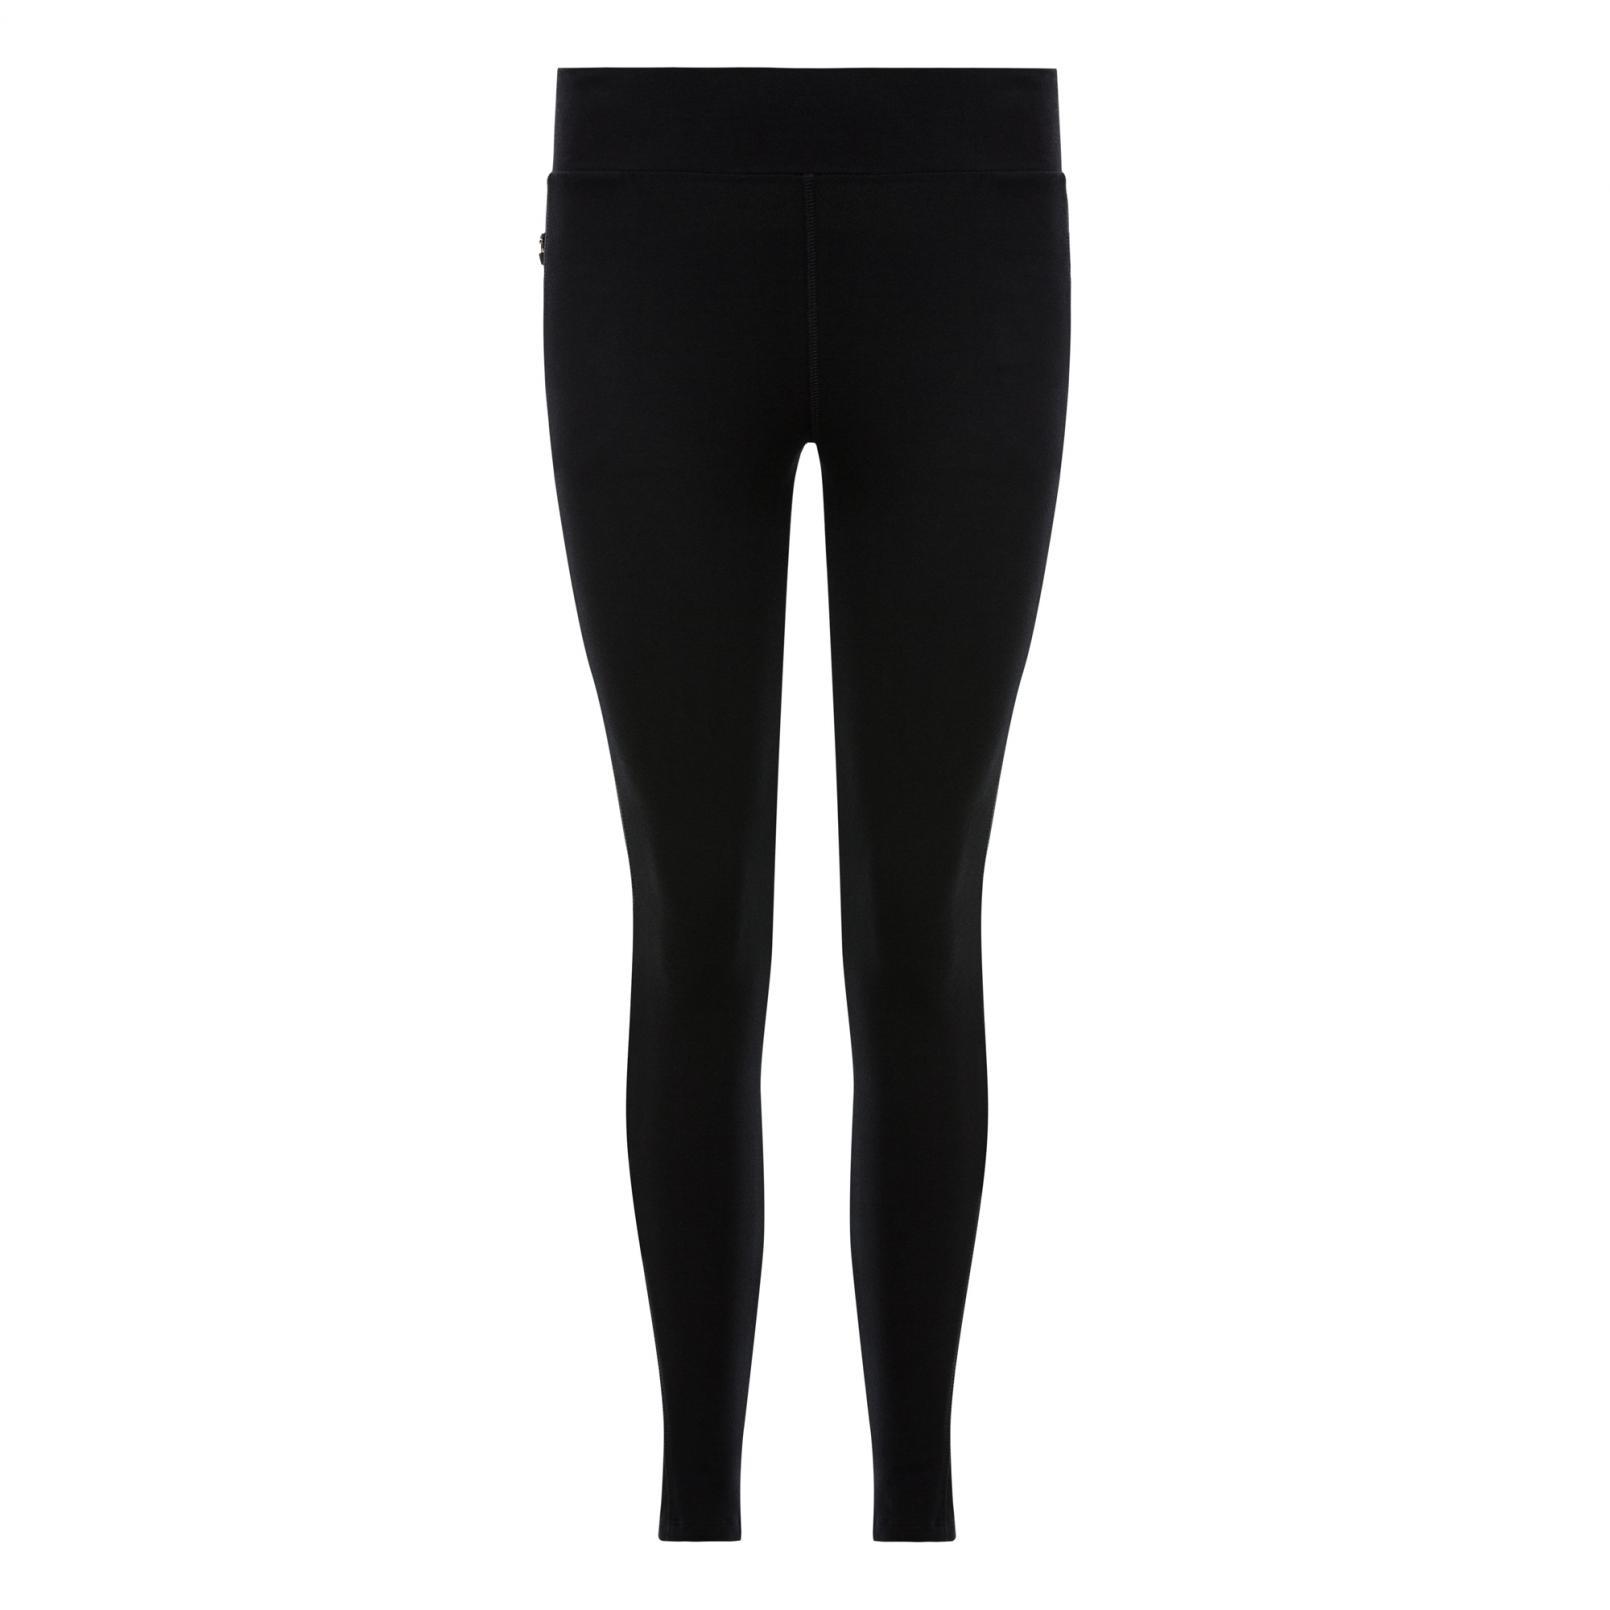 Pants – Le Coq Sportif Pant Essentiels Black